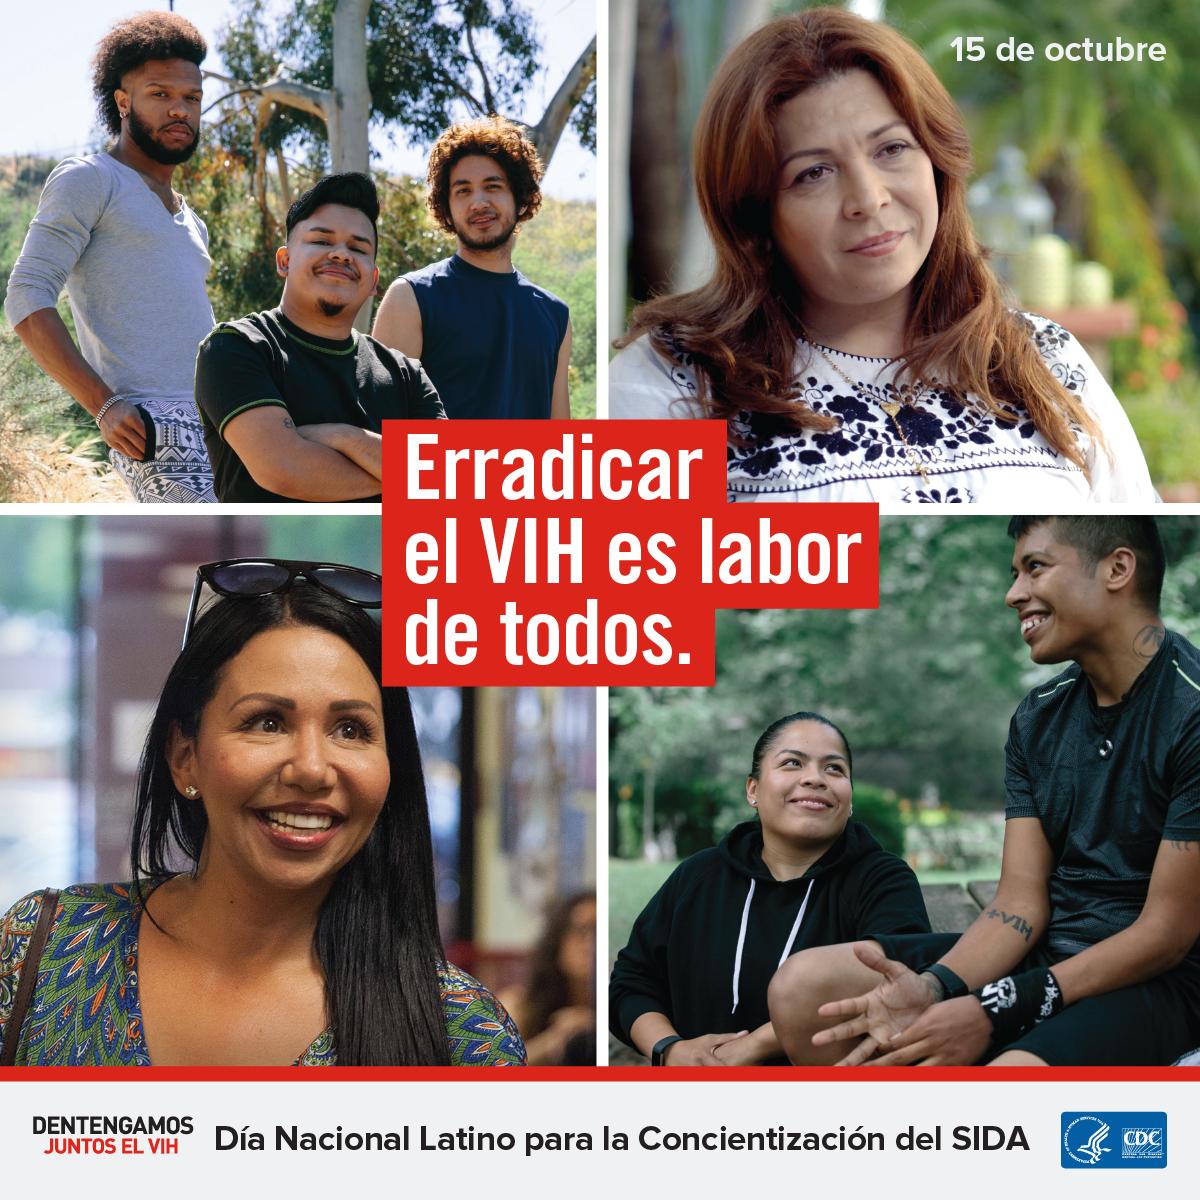 Erradicar el VIH es labor de todos : Día Nacional Latinx para la Concientización del SIDA : 15 de octubre